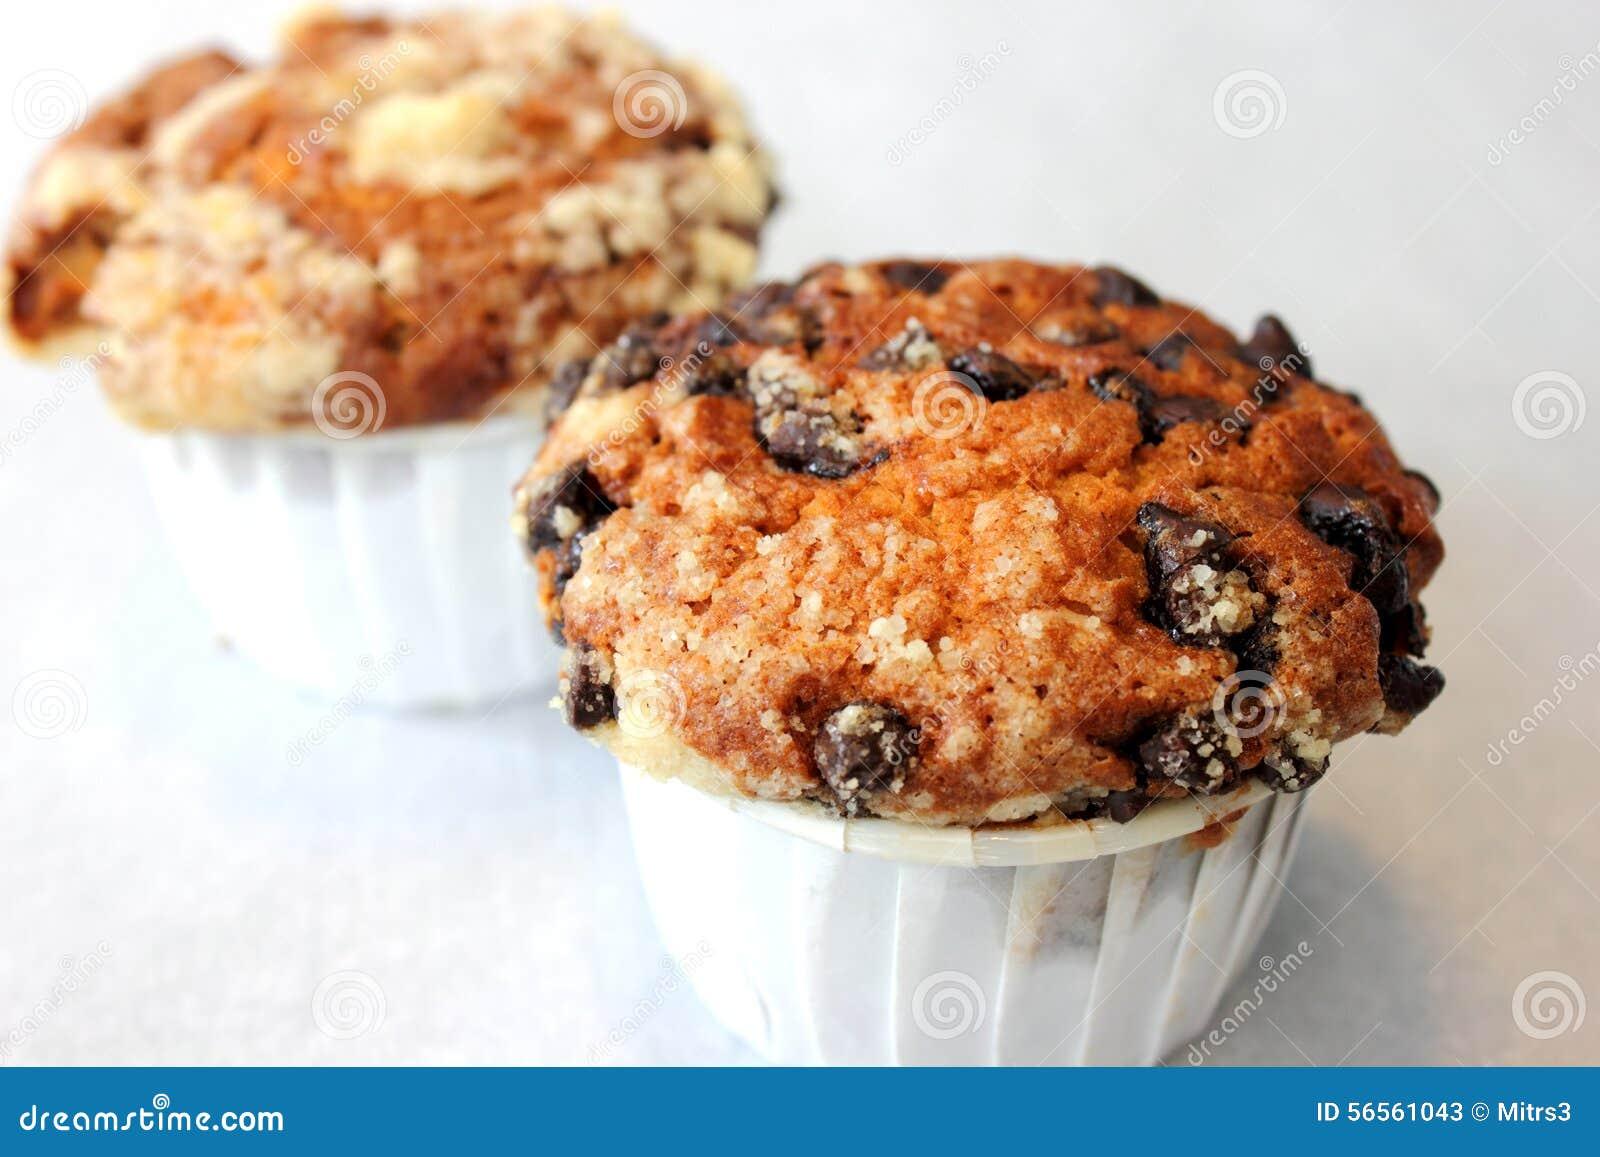 Muffin τσιπ σοκολάτας ανθυγειινή κινηματογράφηση σε πρώτο πλάνο τροφίμων